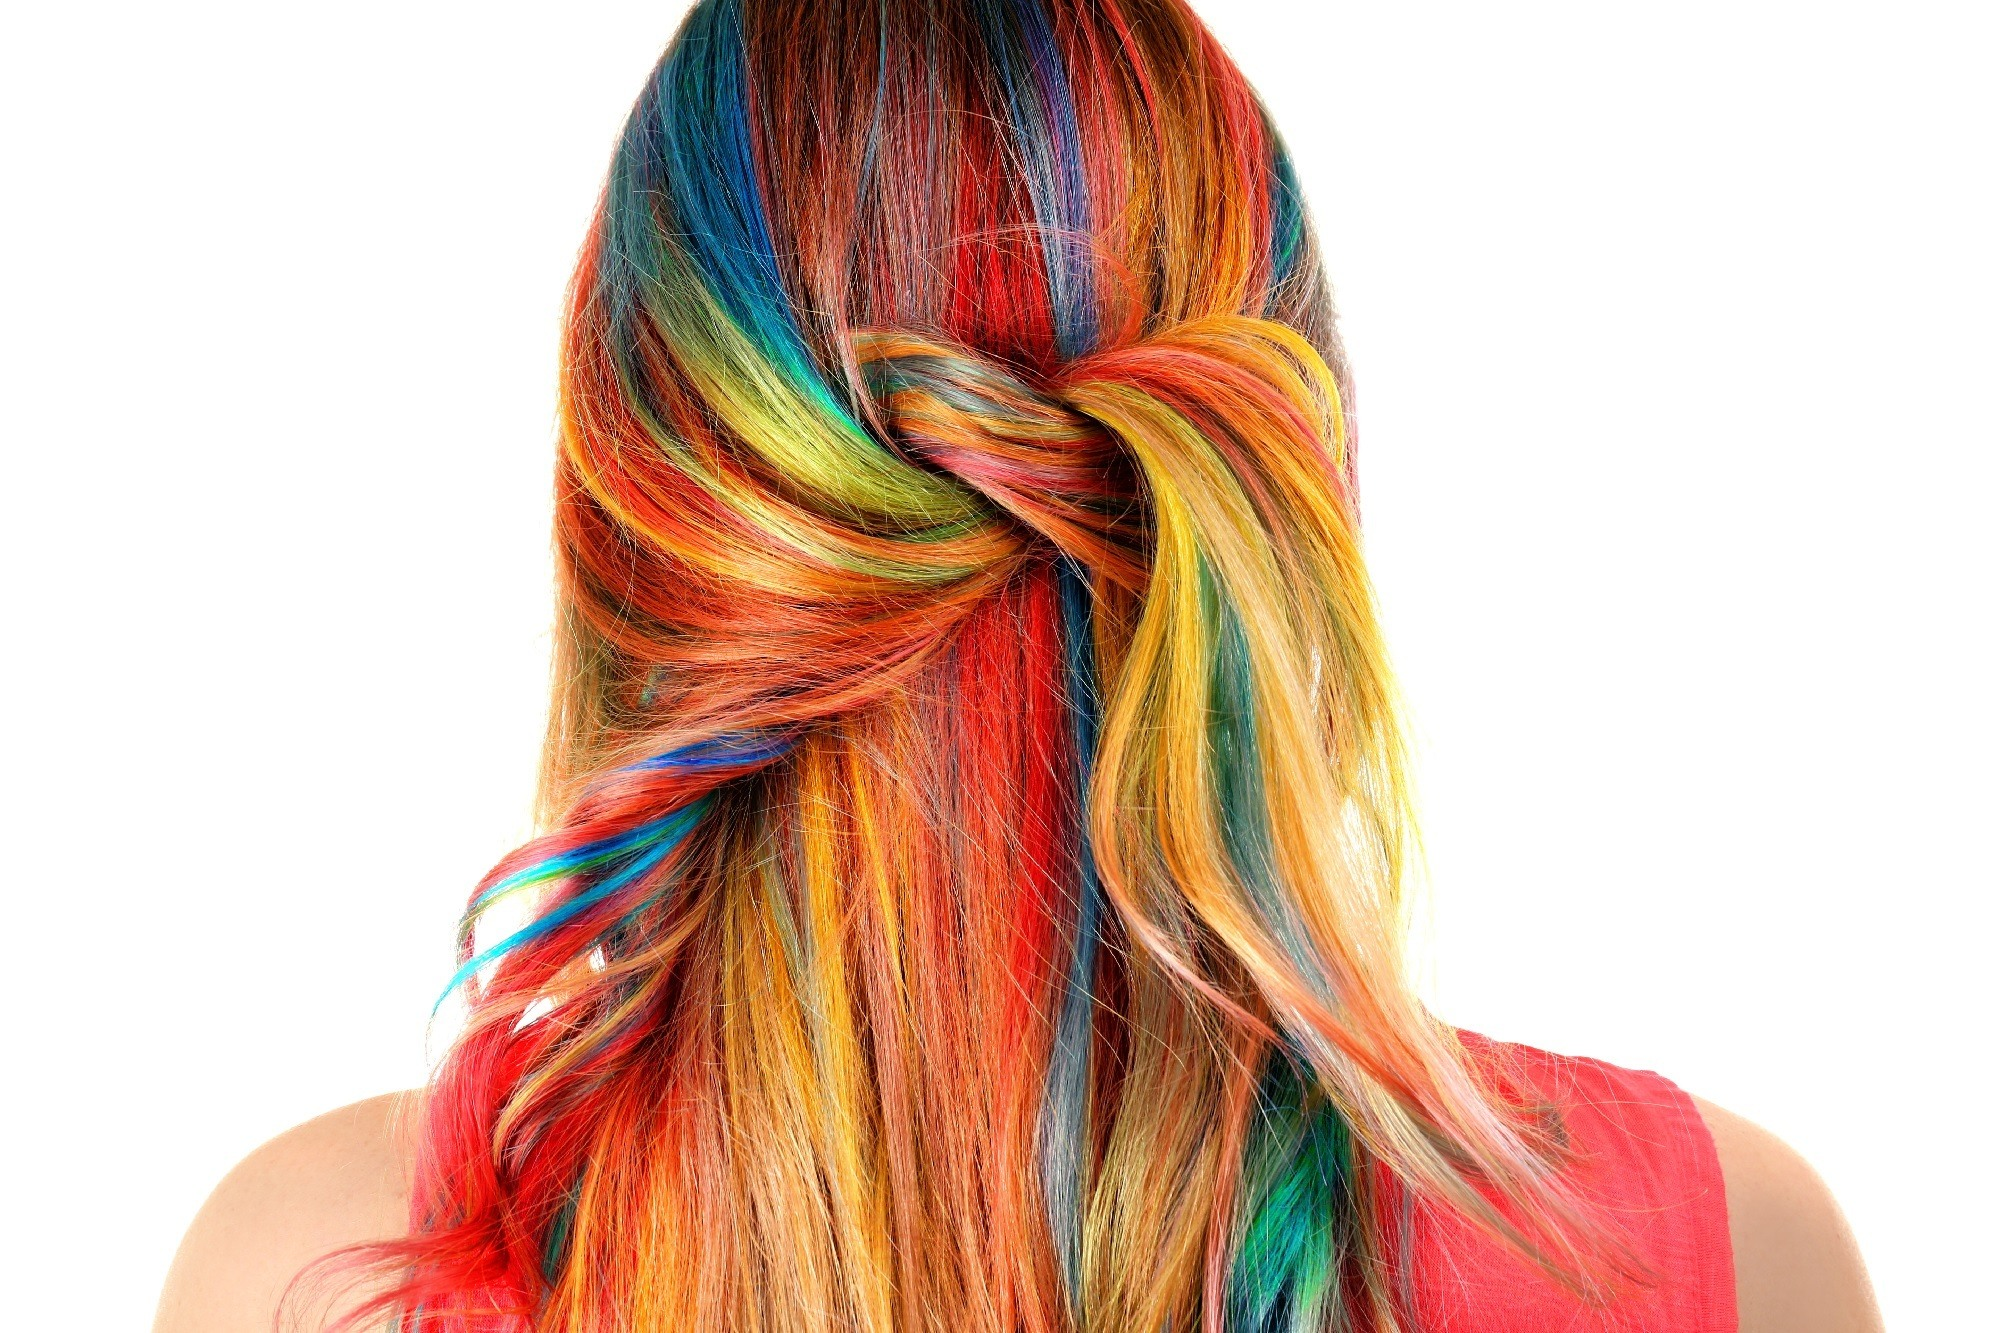 Rainbow hair color ideas - Knot Shutterstock